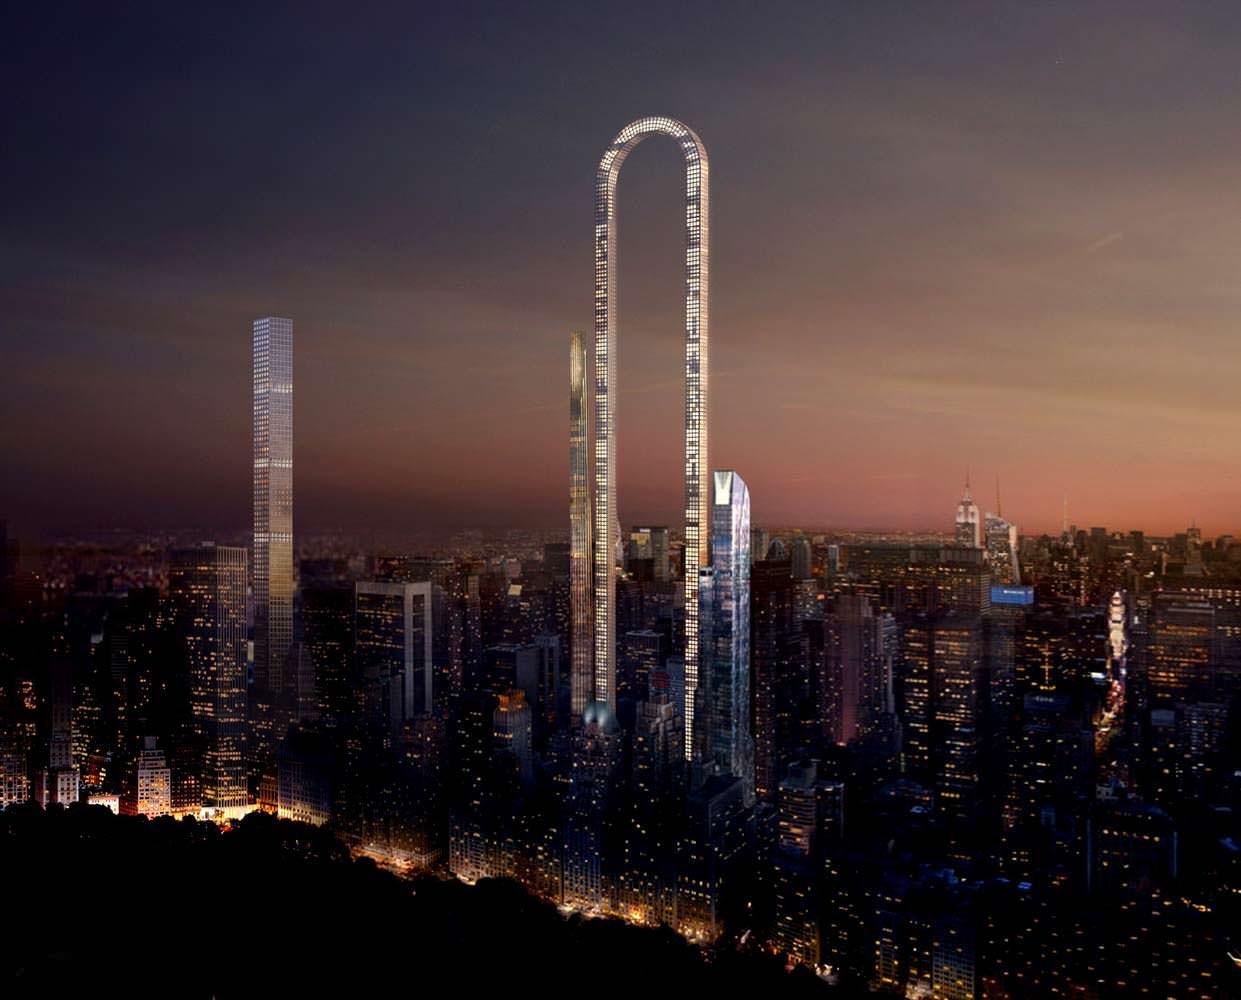 Самый длинный небоскреб в мире The Big Bend на Манхэттене